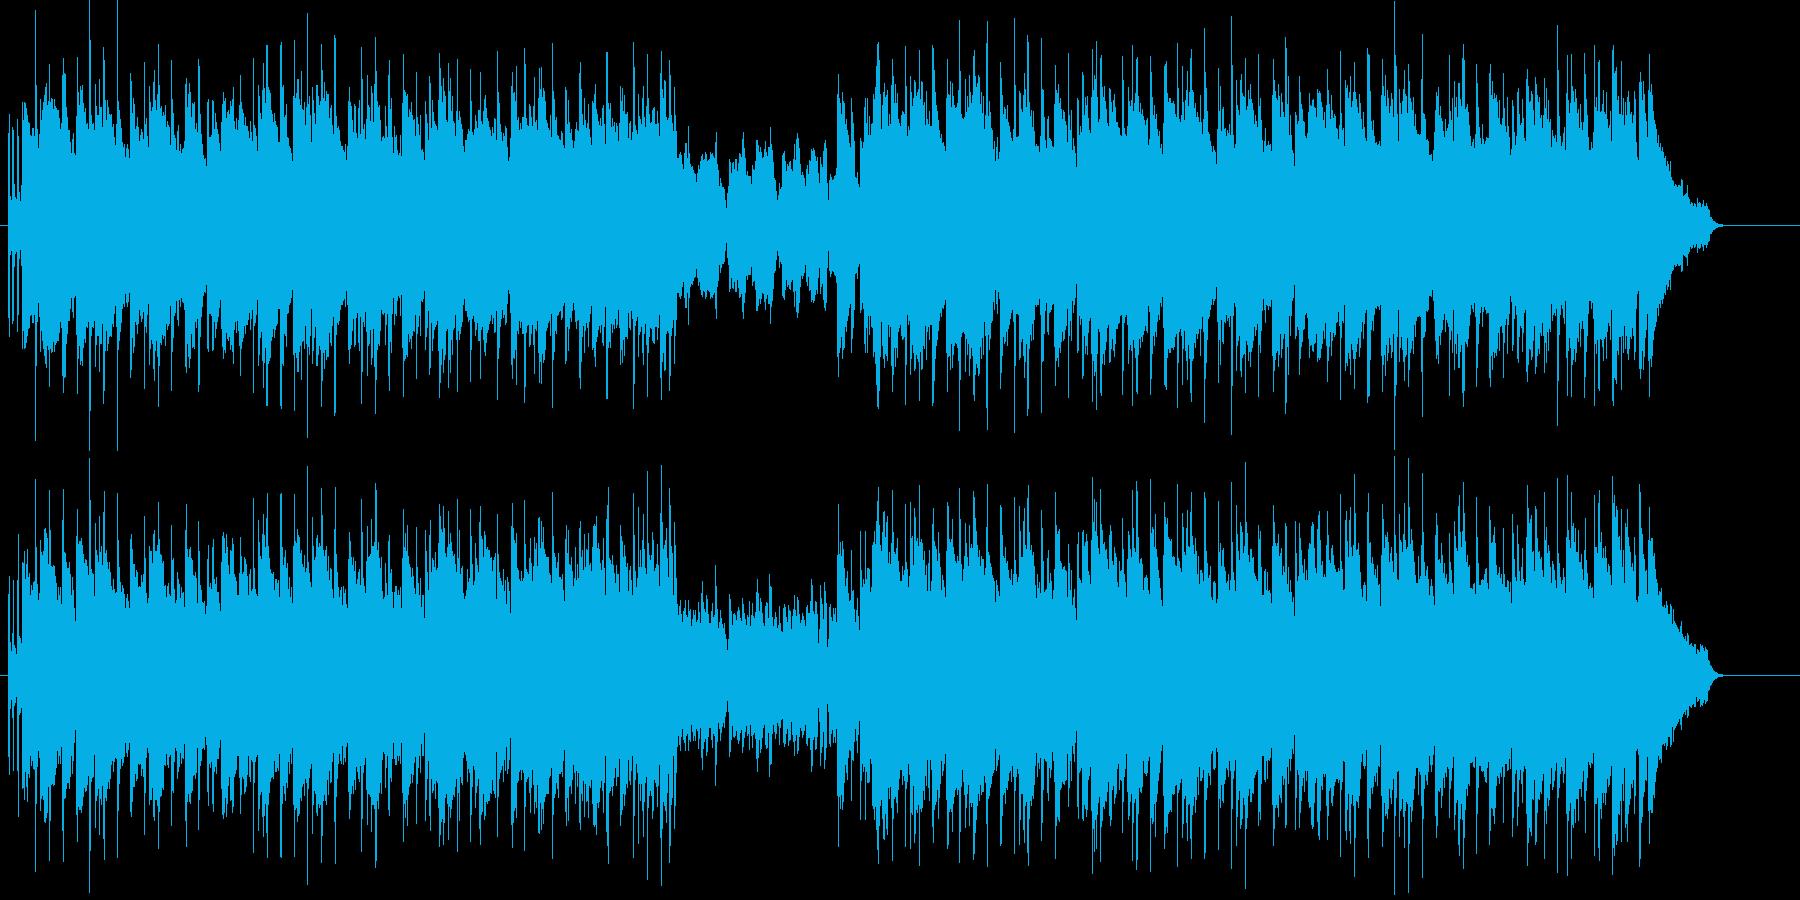 哀愁を含んだシリアスな歌謡バラード風の再生済みの波形